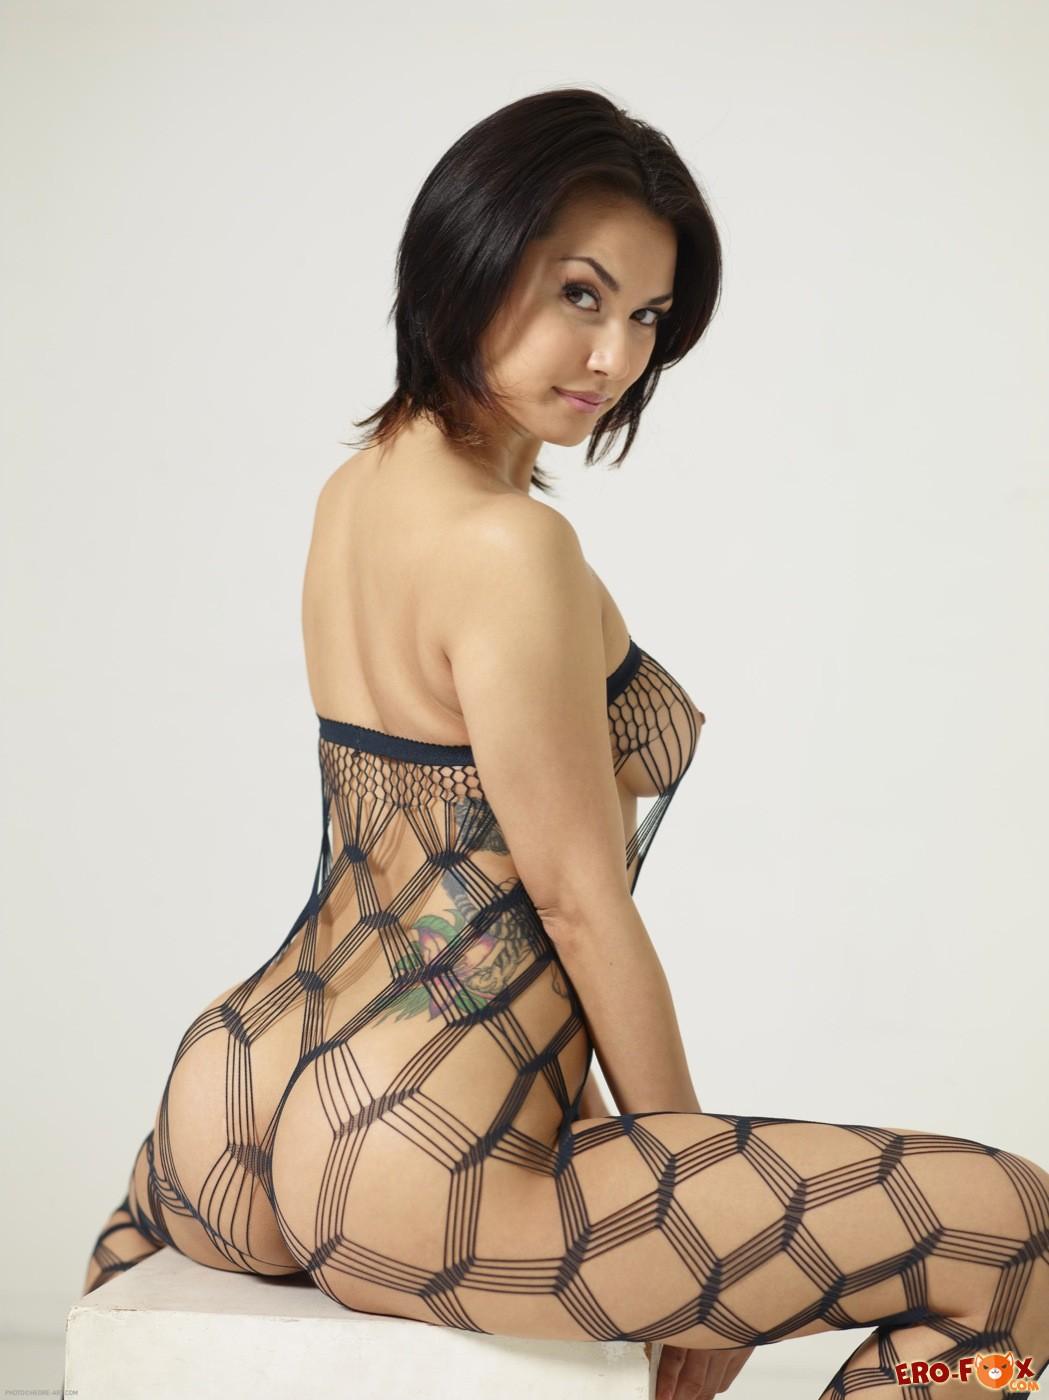 Сексуальная девушка в эротичном комбинезоне - фото